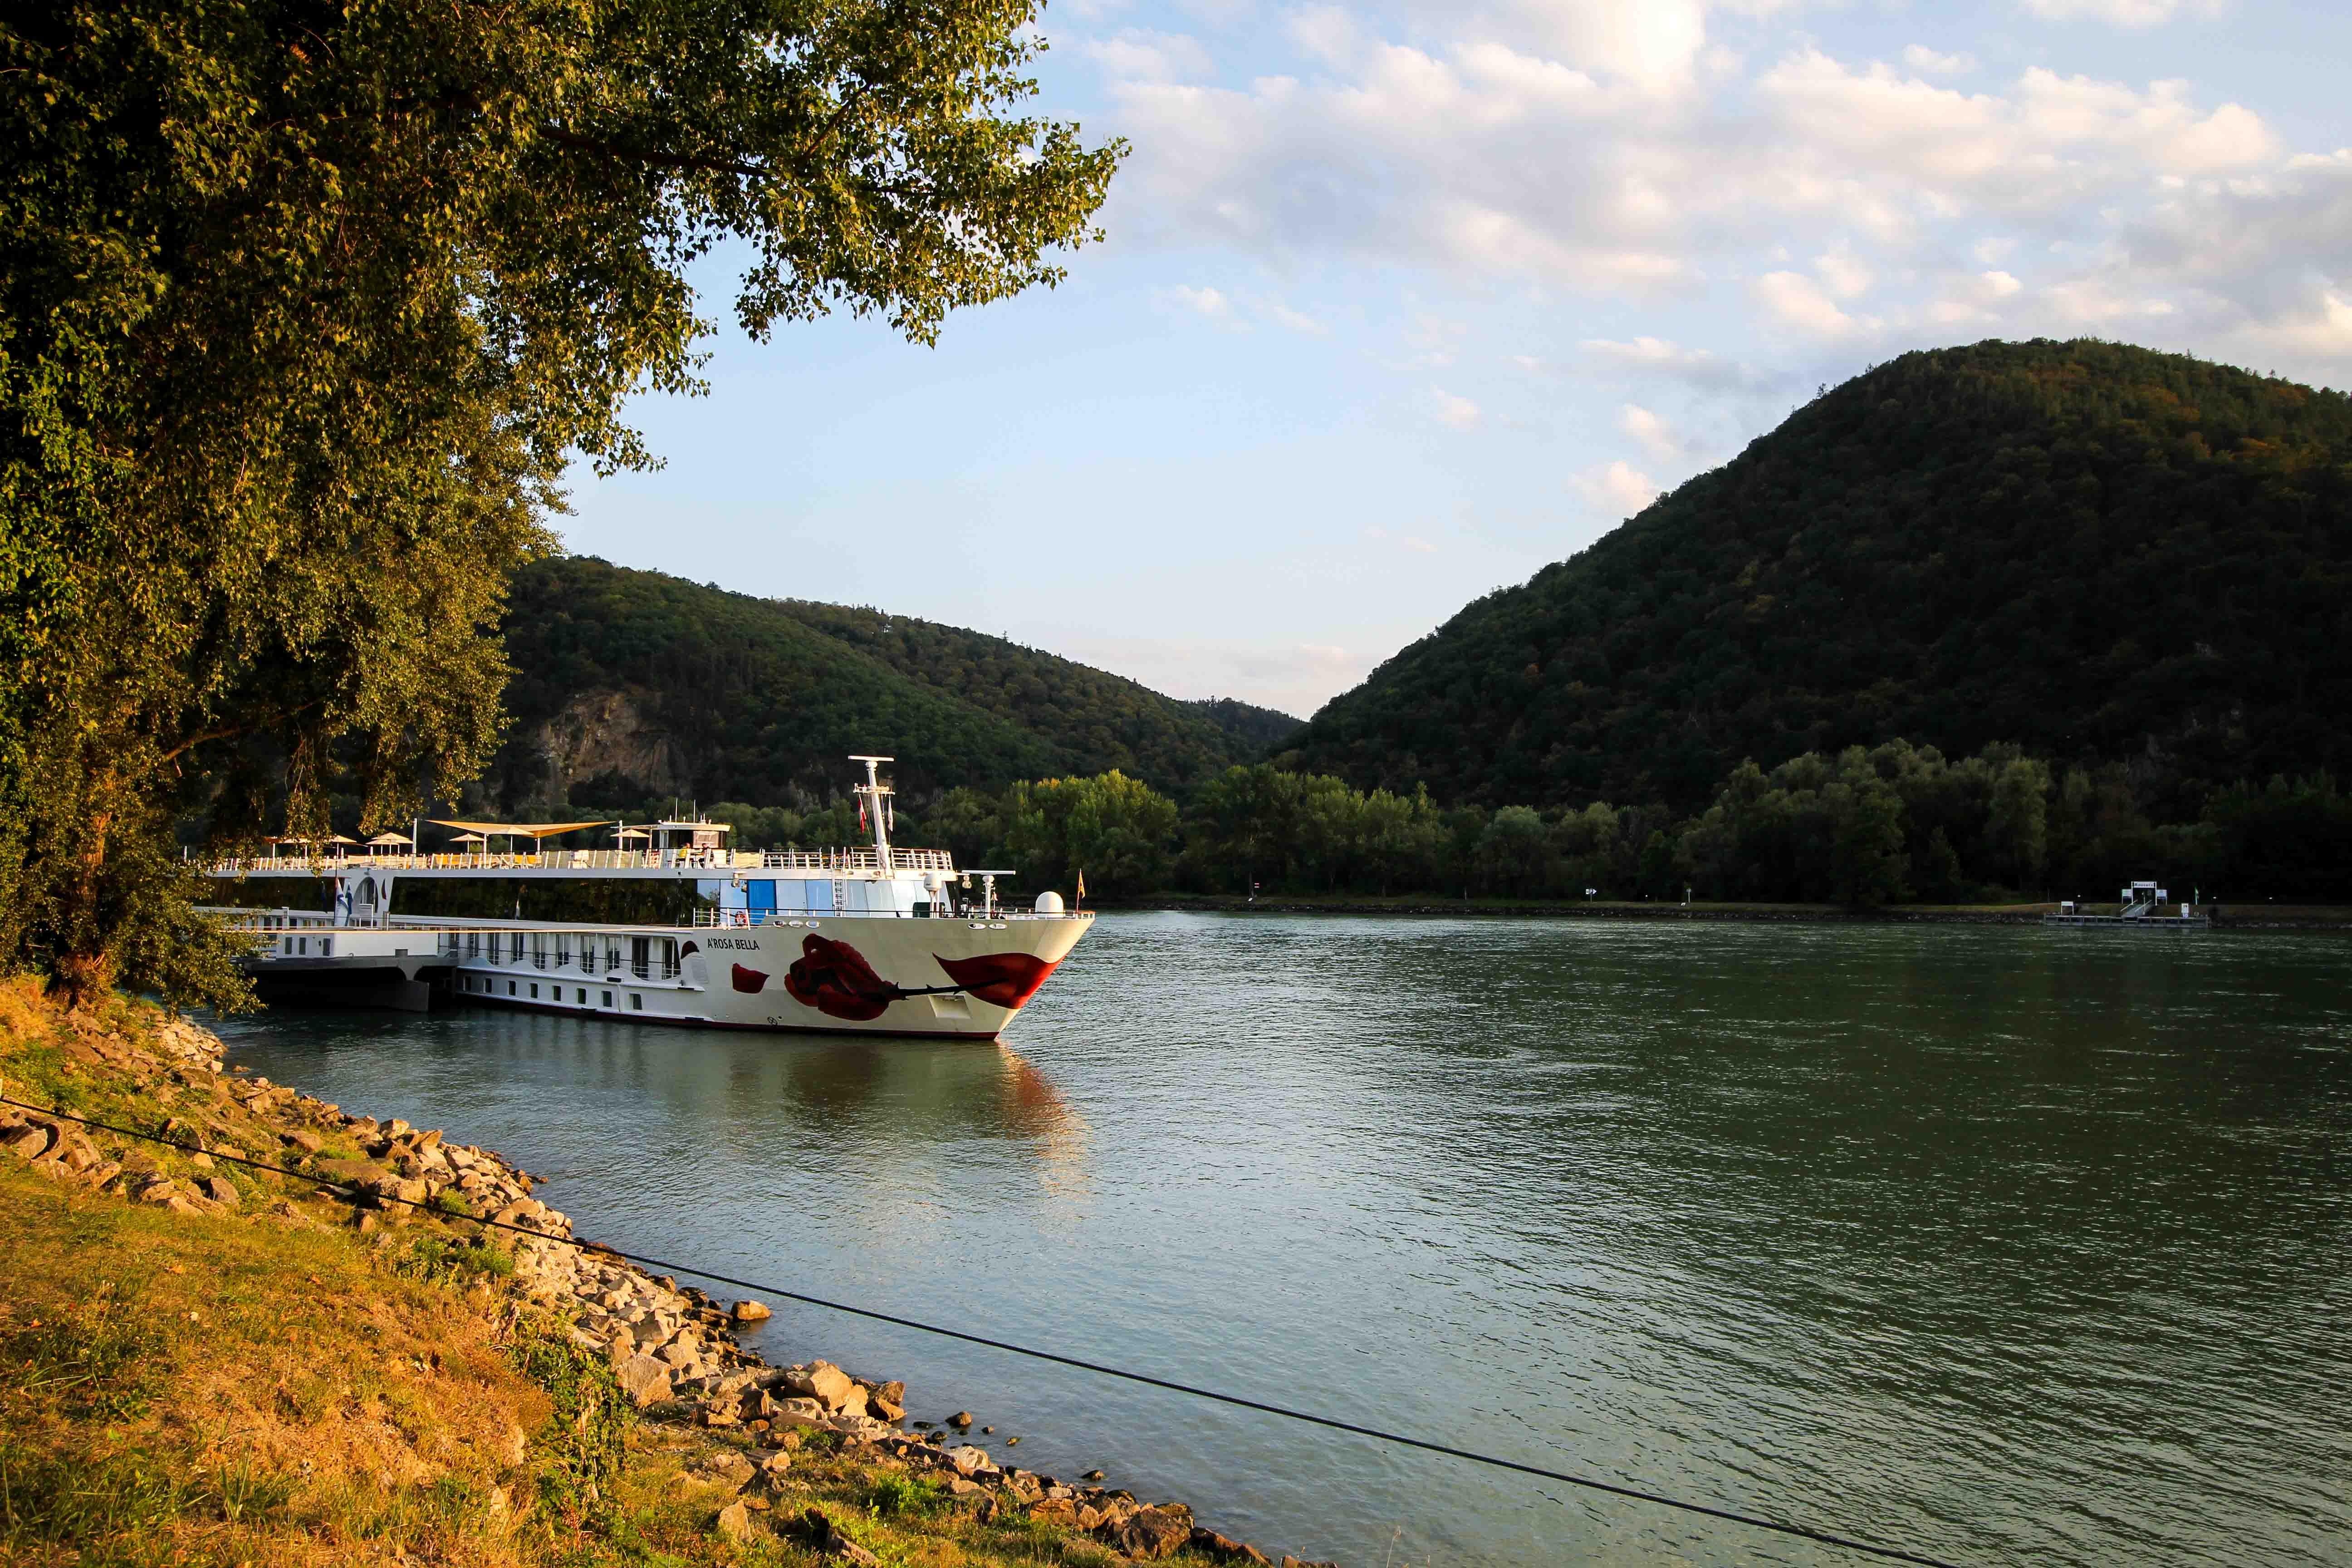 Donaukreuzfahrt A-Rosa Bella Flusskreuzfahrt Flusskreuzfahrtschiff Donau Wachau Dürnstein Arosa Brinisfashionbook Reiseblogger